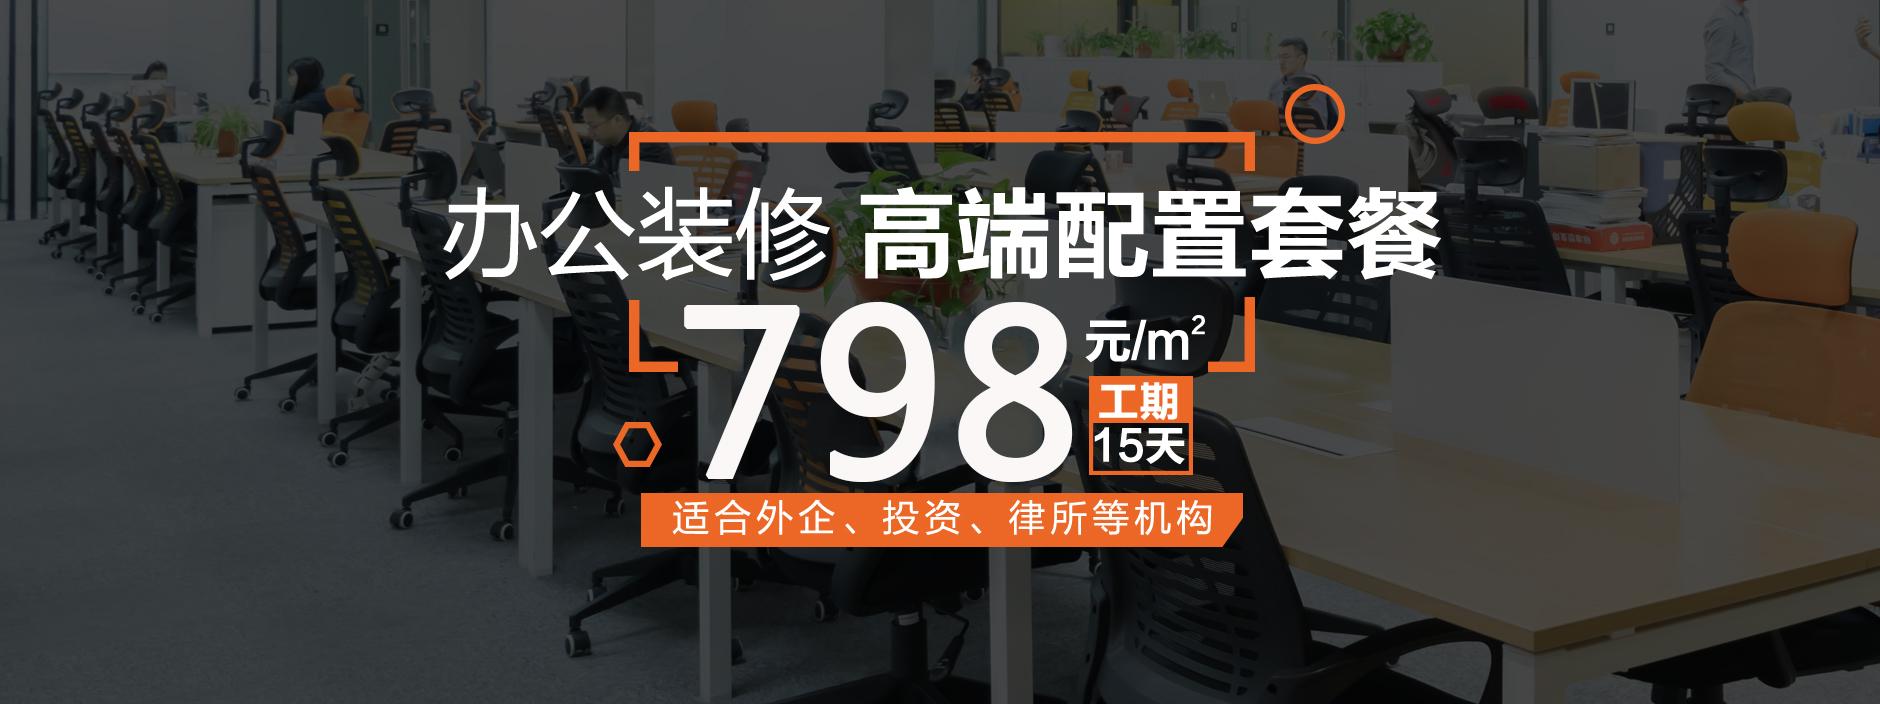 长沙办公室装修多少钱一平米798元整装套餐报价清单